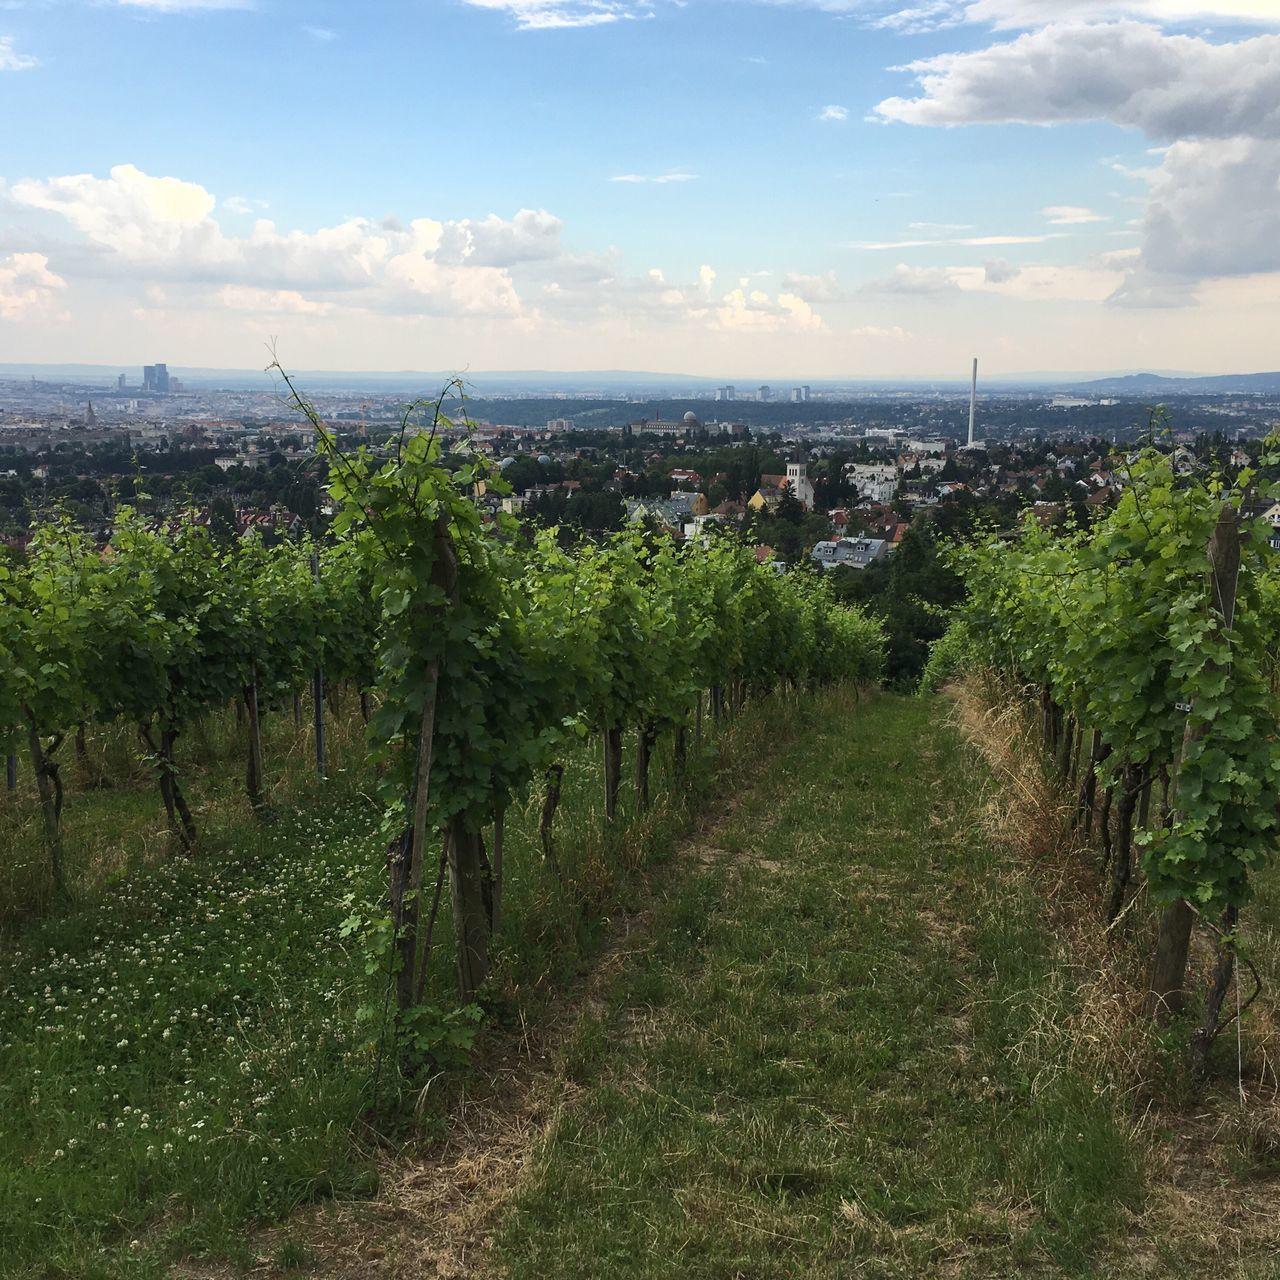 Viennese Wine Viennese Vineyards Vineyard